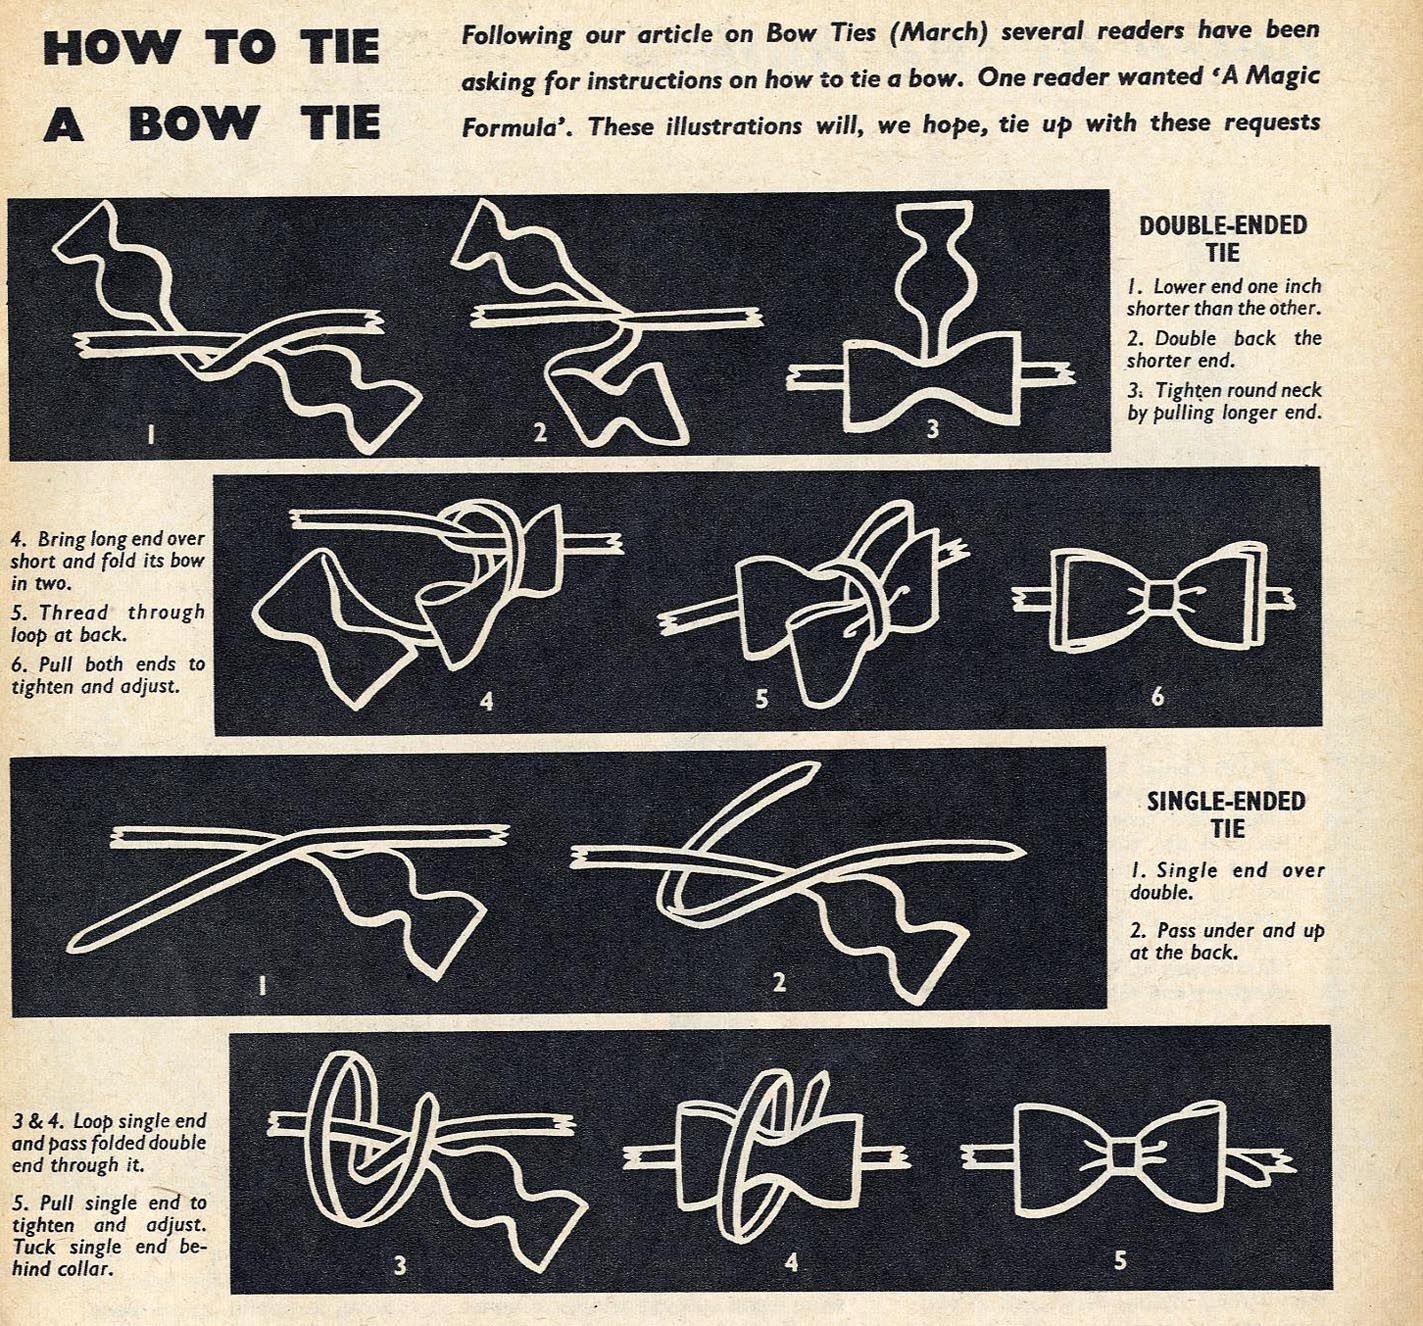 17 B�sta Bilder Om Bow Tie Instructions P� Pinterest Bill Nye, Flugor Och  Slipsar